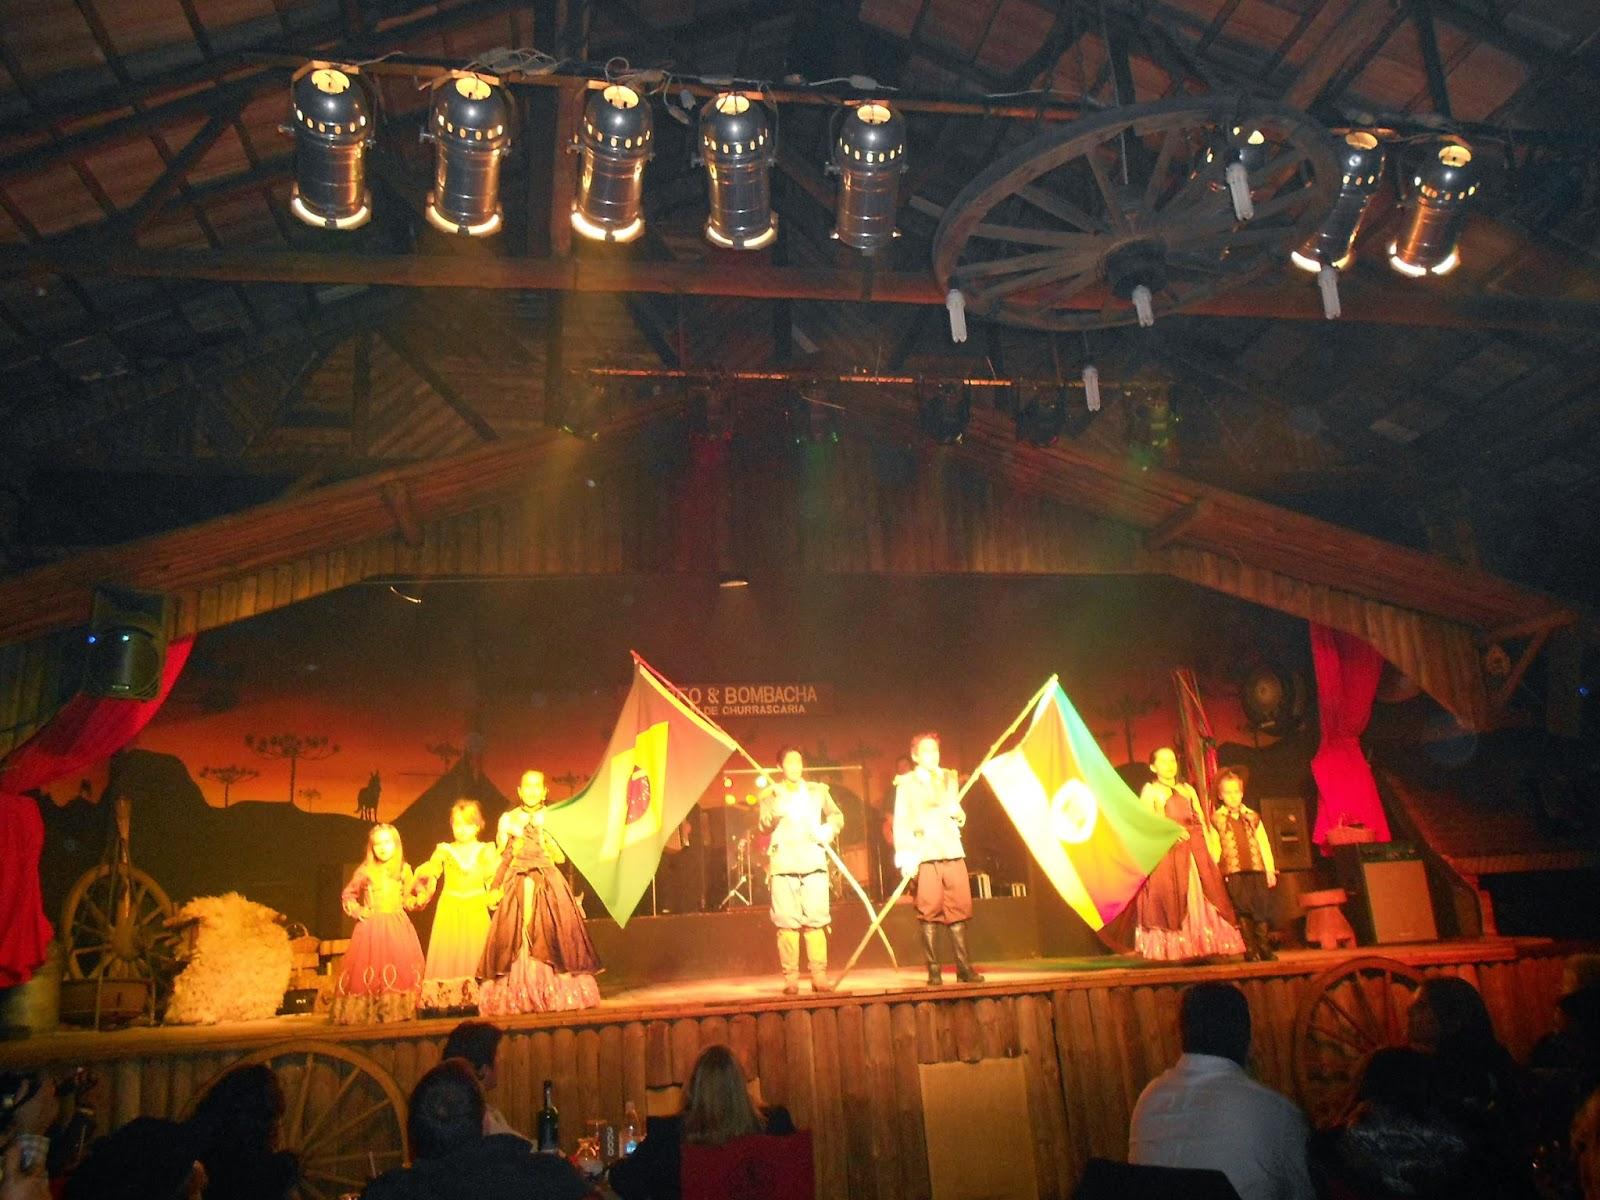 Garfo e Bombacha - A História da Gaby